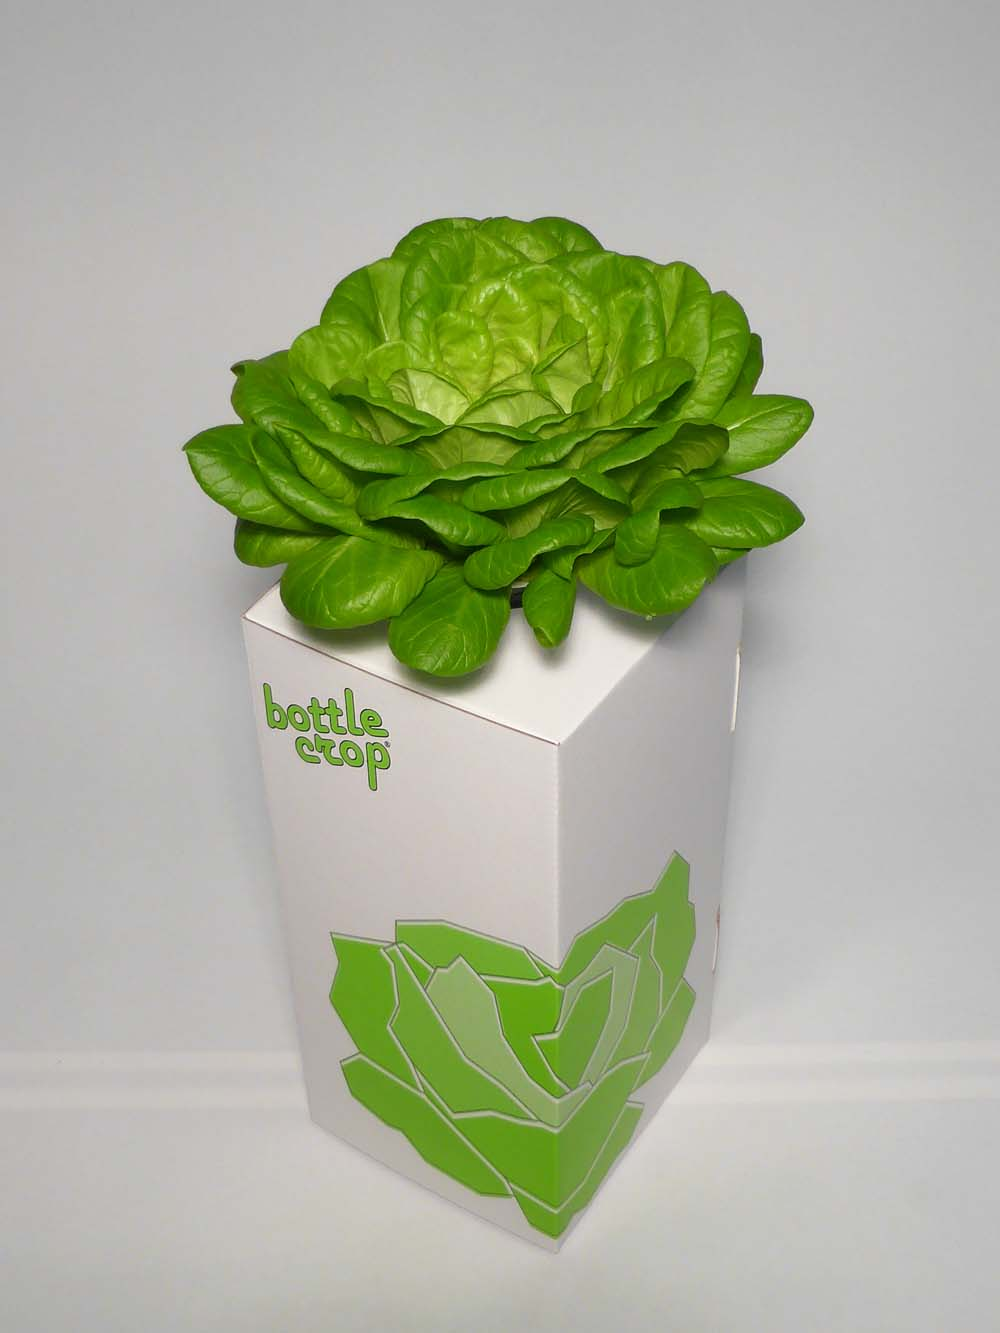 BottleCrop – Der Salat aus der Flasche